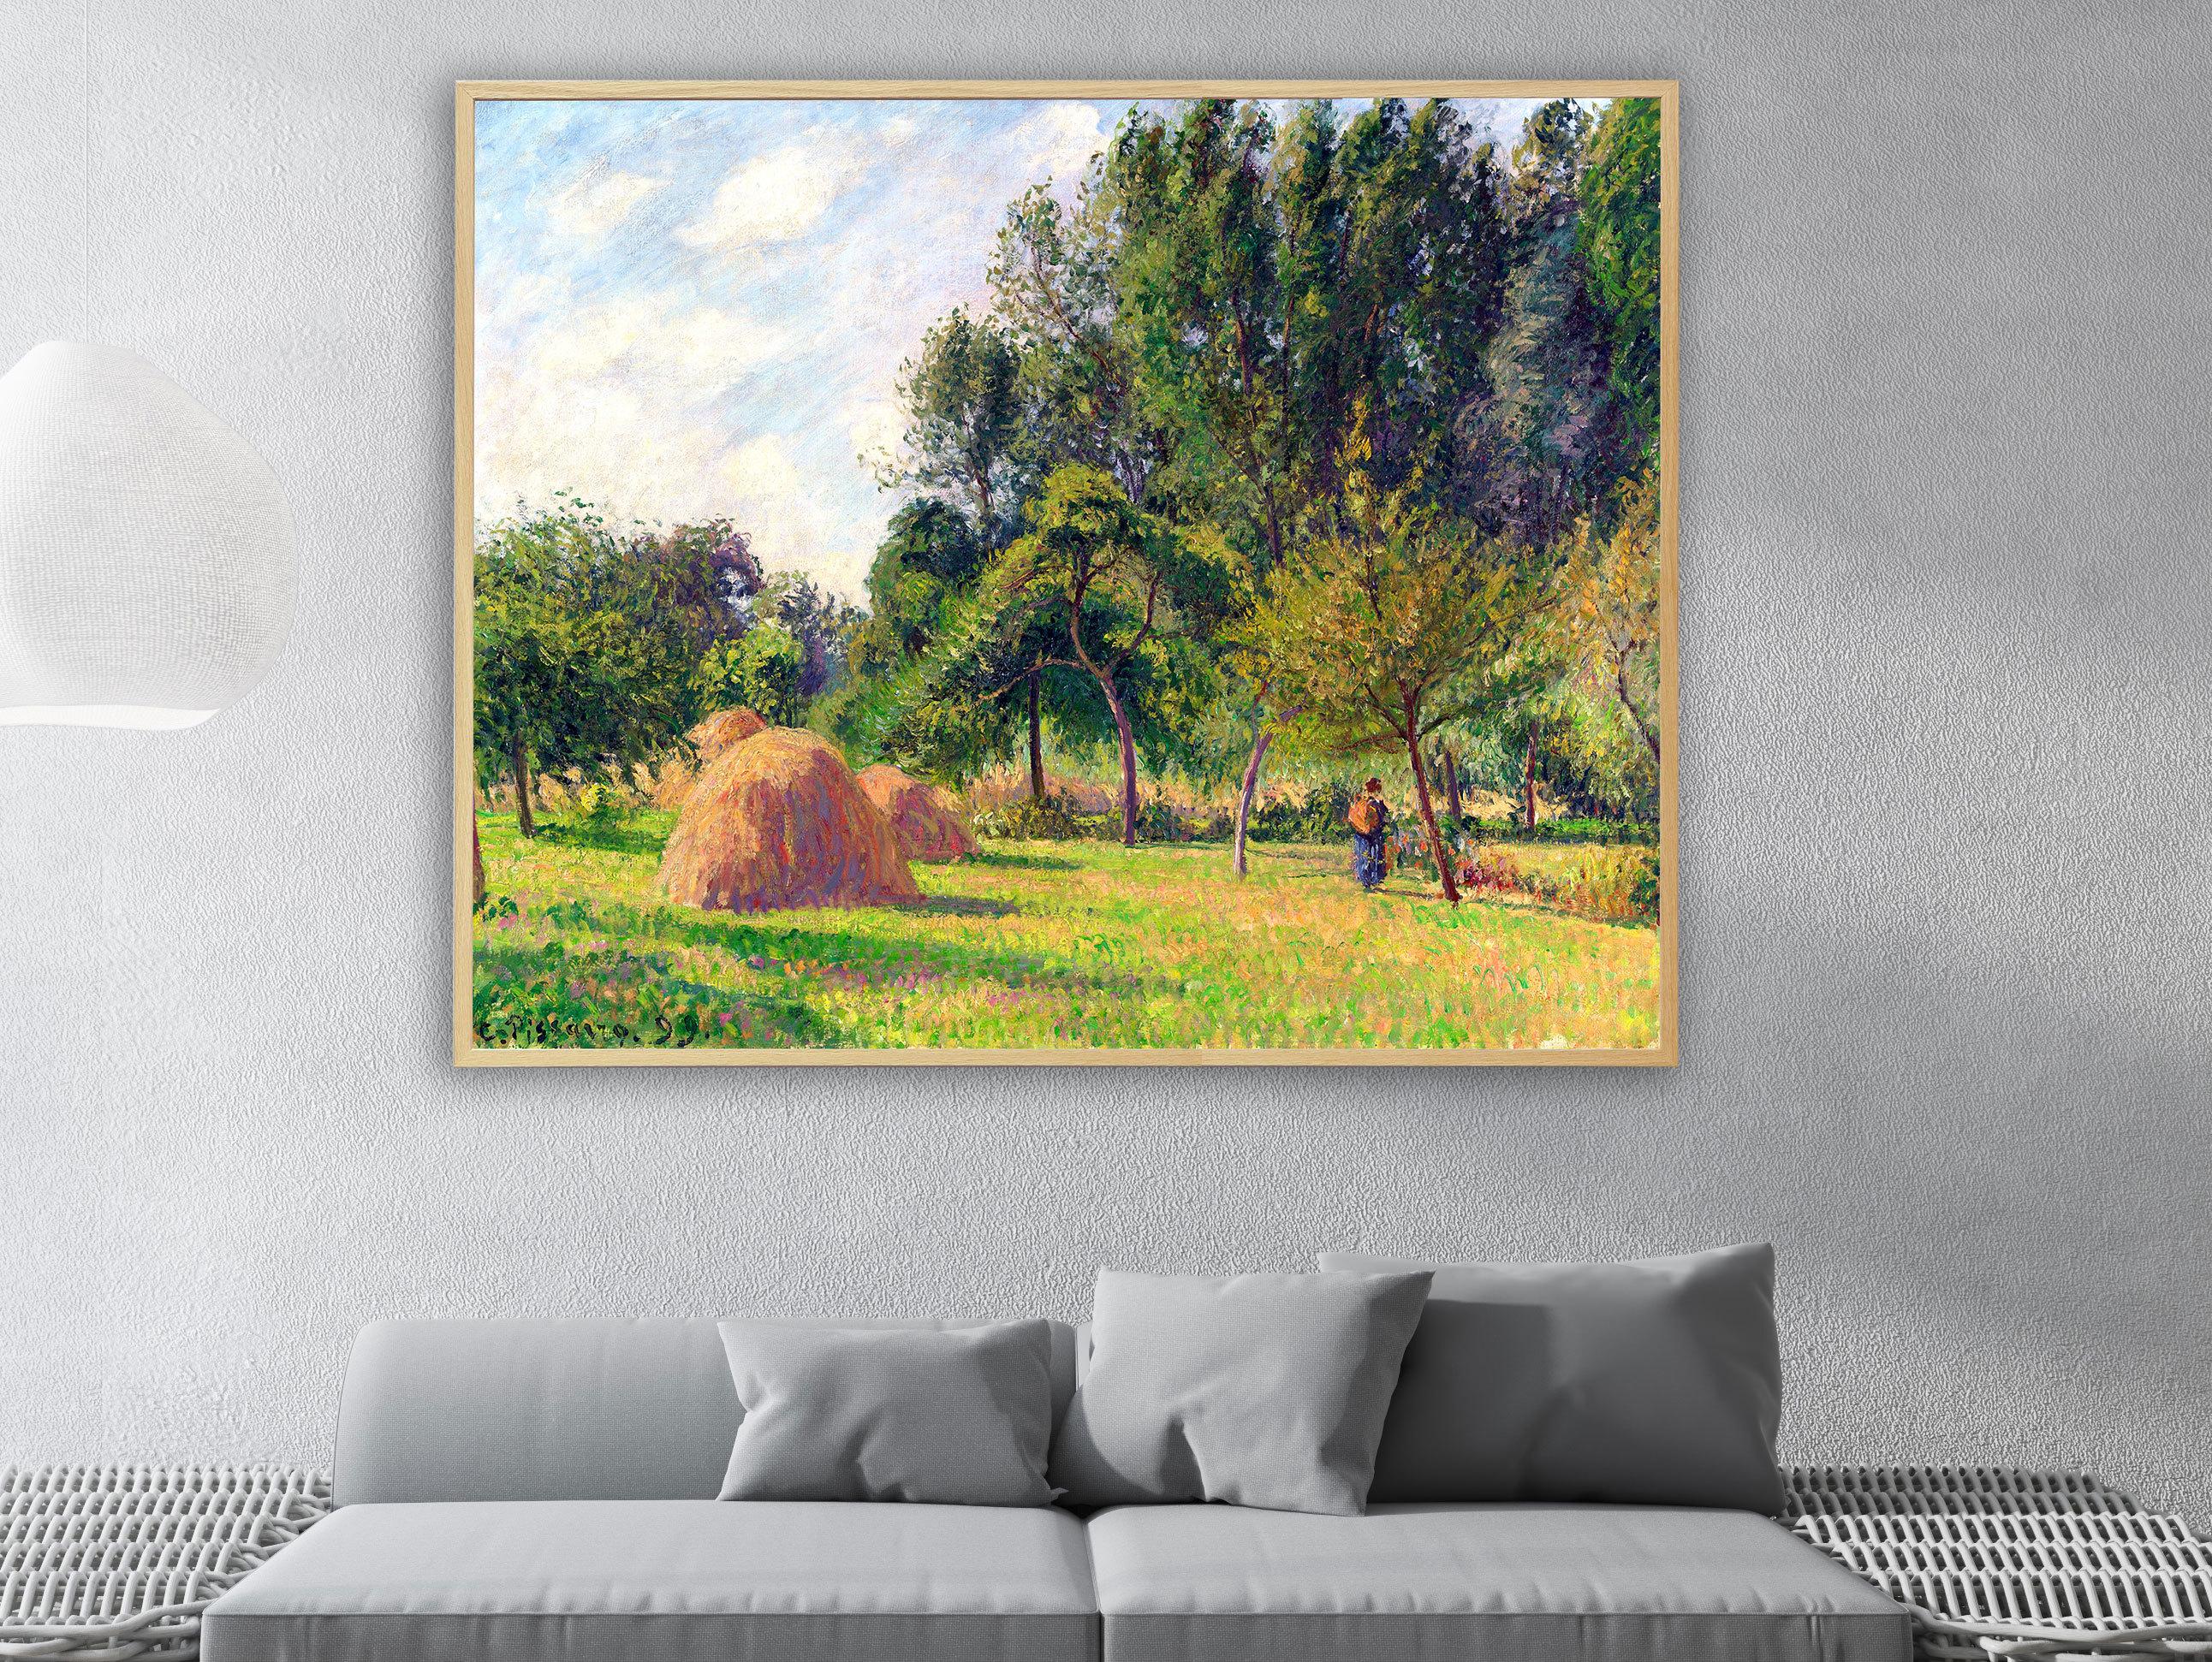 Camille Pissarro - Heuhaufen am Morgen Eragny in Frankreich, Bilderrahmen Eiche